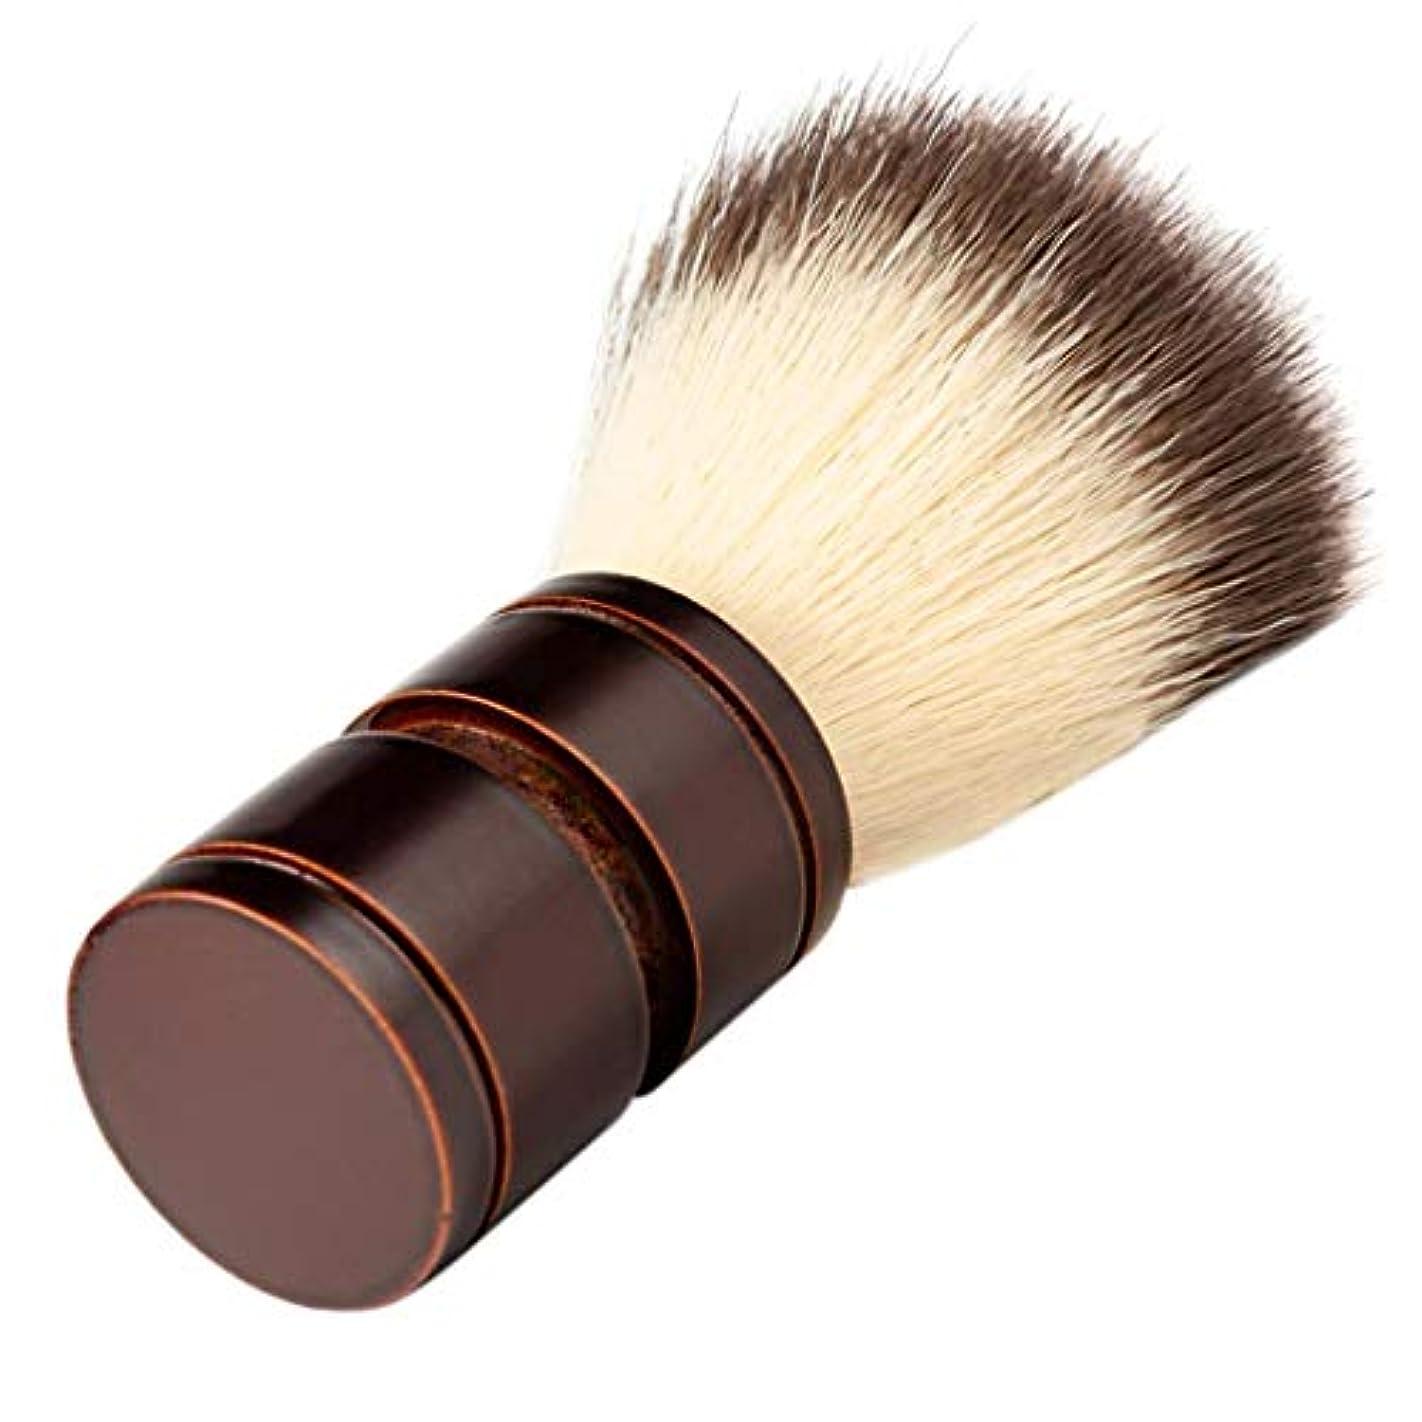 メーカー必需品苦情文句P Prettyia シェービング ブラシ メンズ ナイロン ひげブラシ 洗顔ブラシ 理容 洗顔 髭剃り 泡立ち